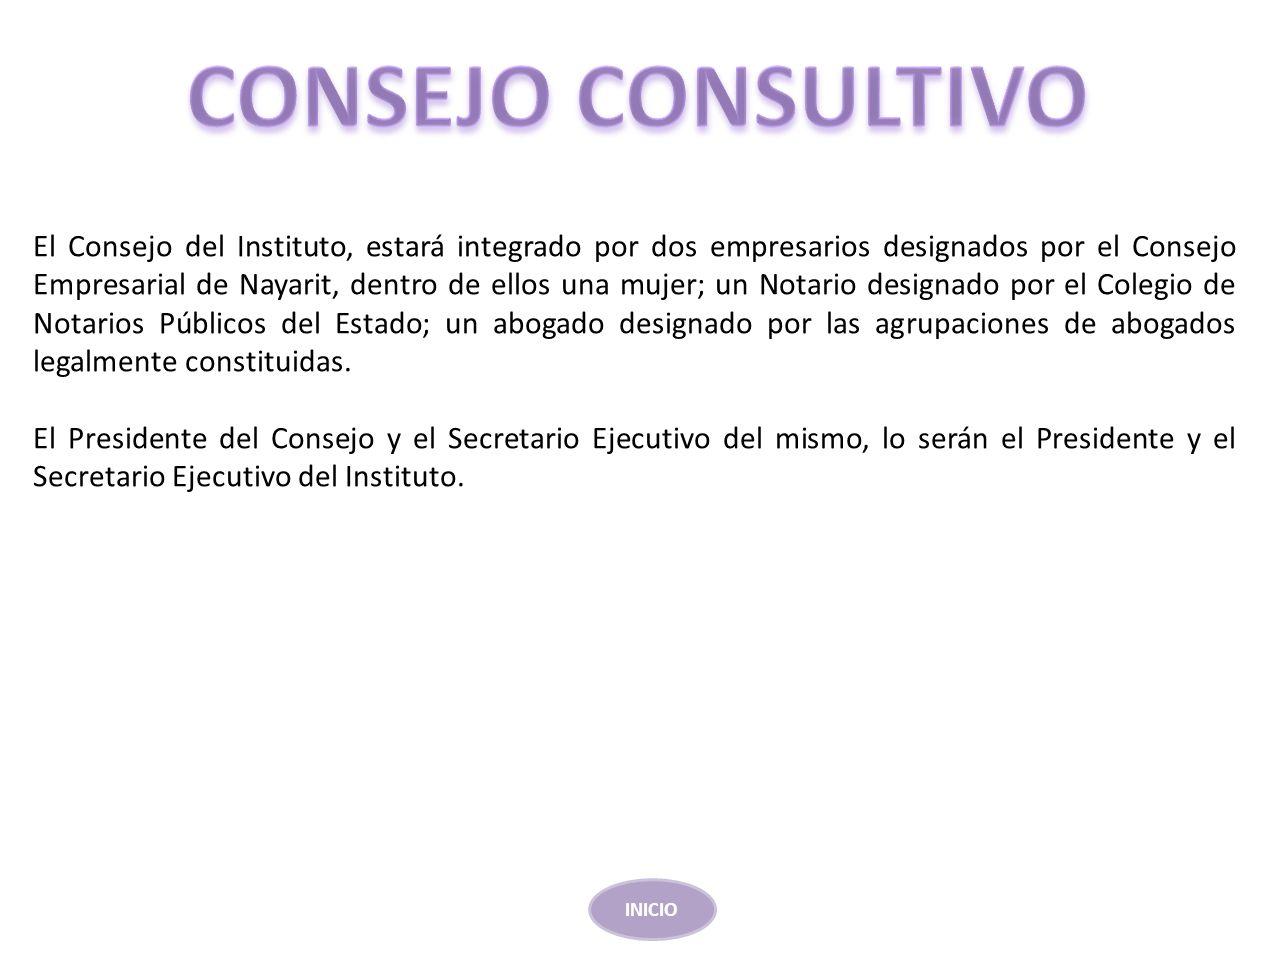 El Consejo del Instituto, estará integrado por dos empresarios designados por el Consejo Empresarial de Nayarit, dentro de ellos una mujer; un Notario